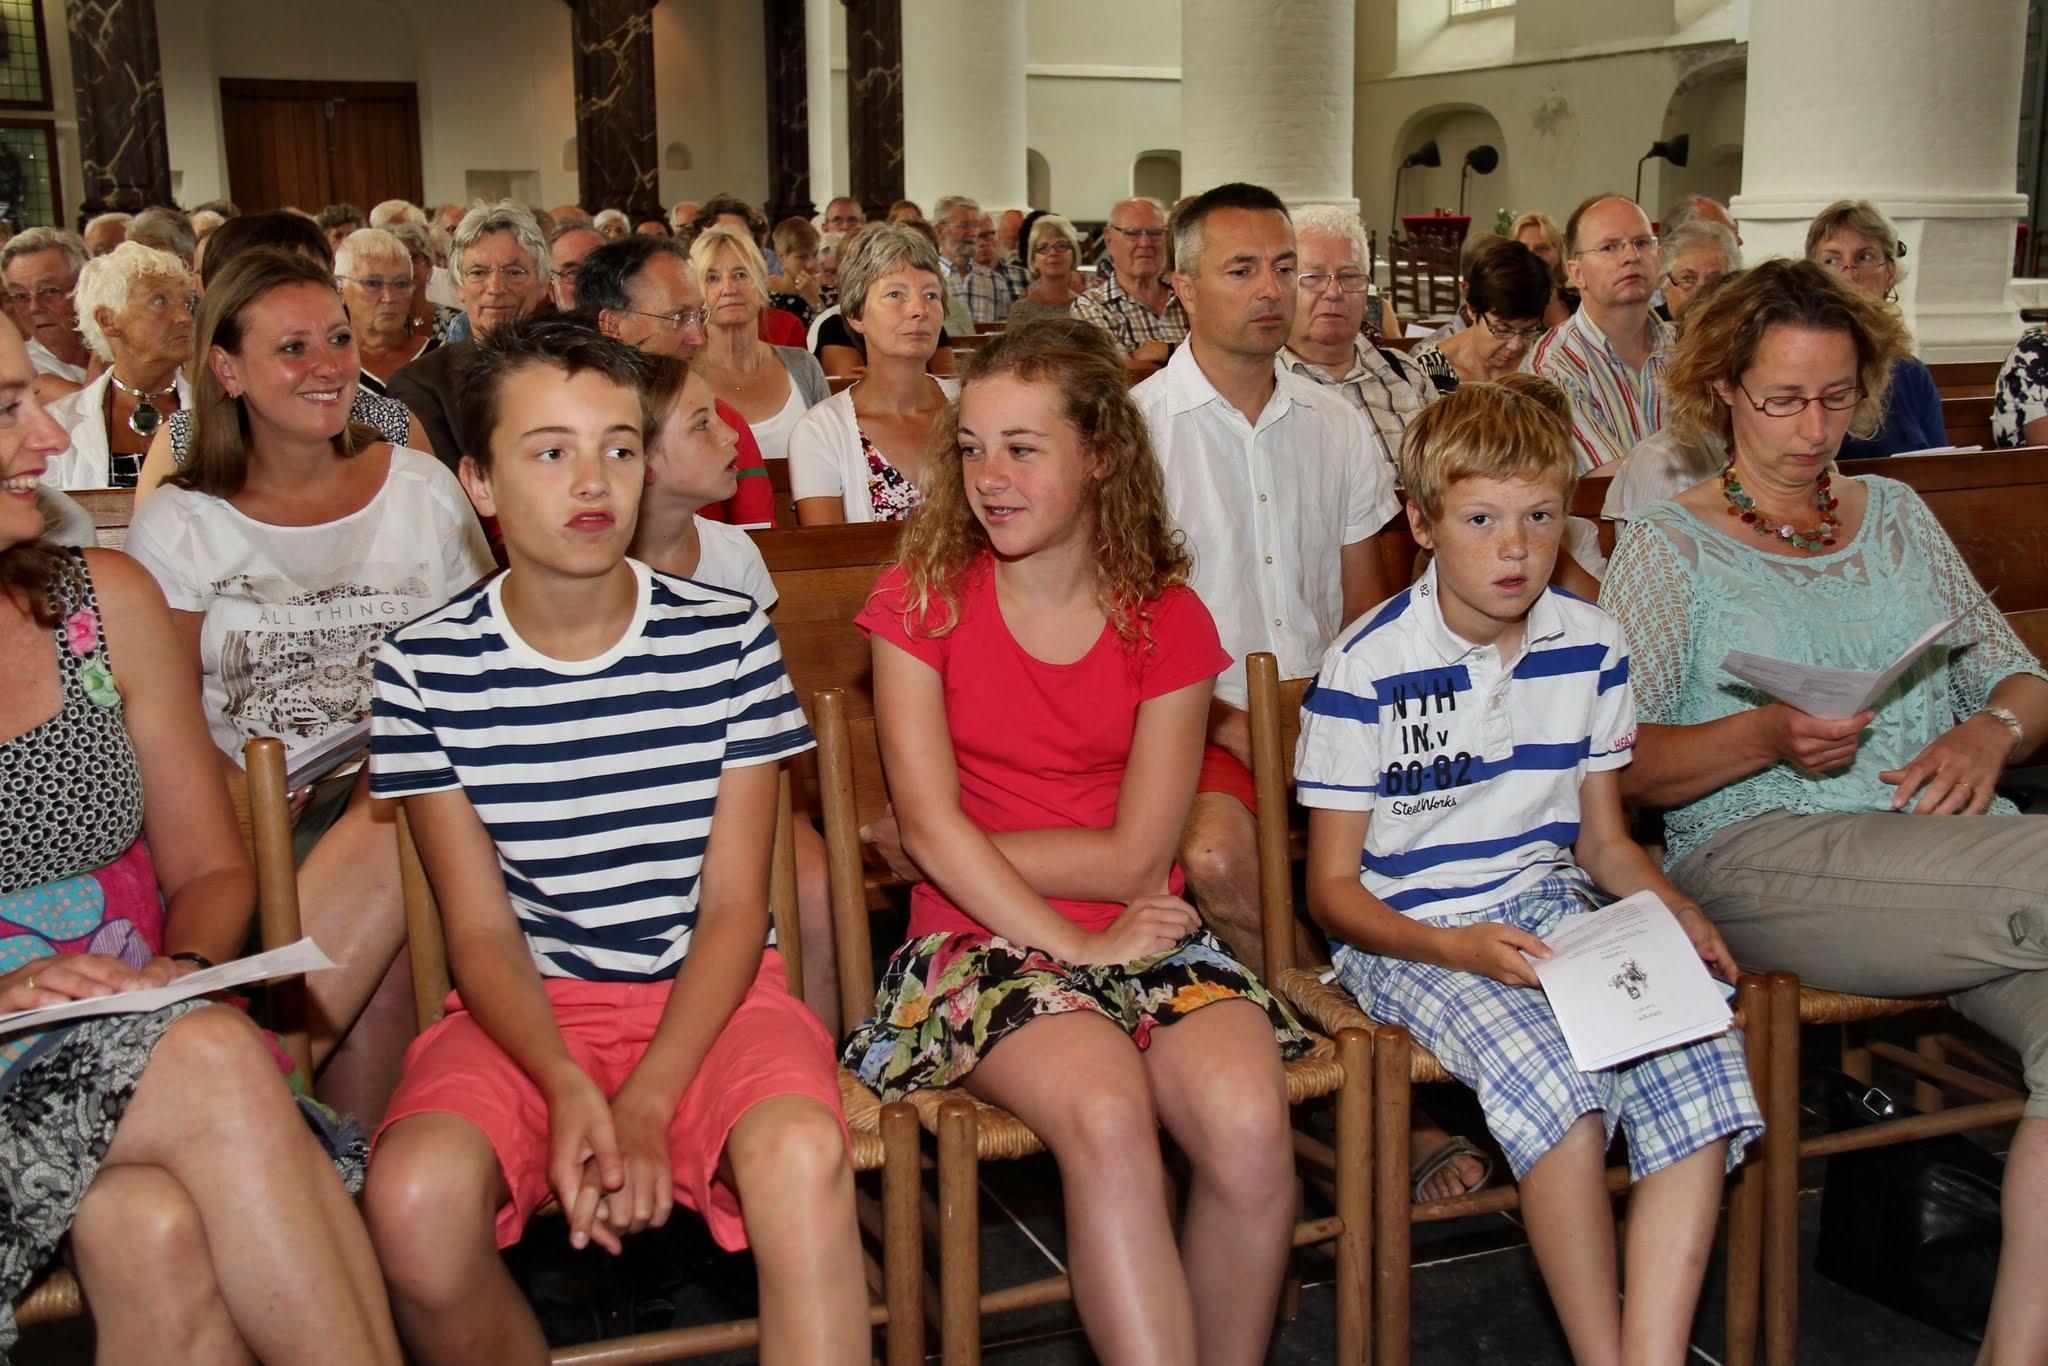 Photo: In de kerkdiensten van 5 en 12 juli maakten vier kinderen de oversteek naar andere vormen van jeugdkerk en kerkdienst. - Foto's: Dik Hooijer